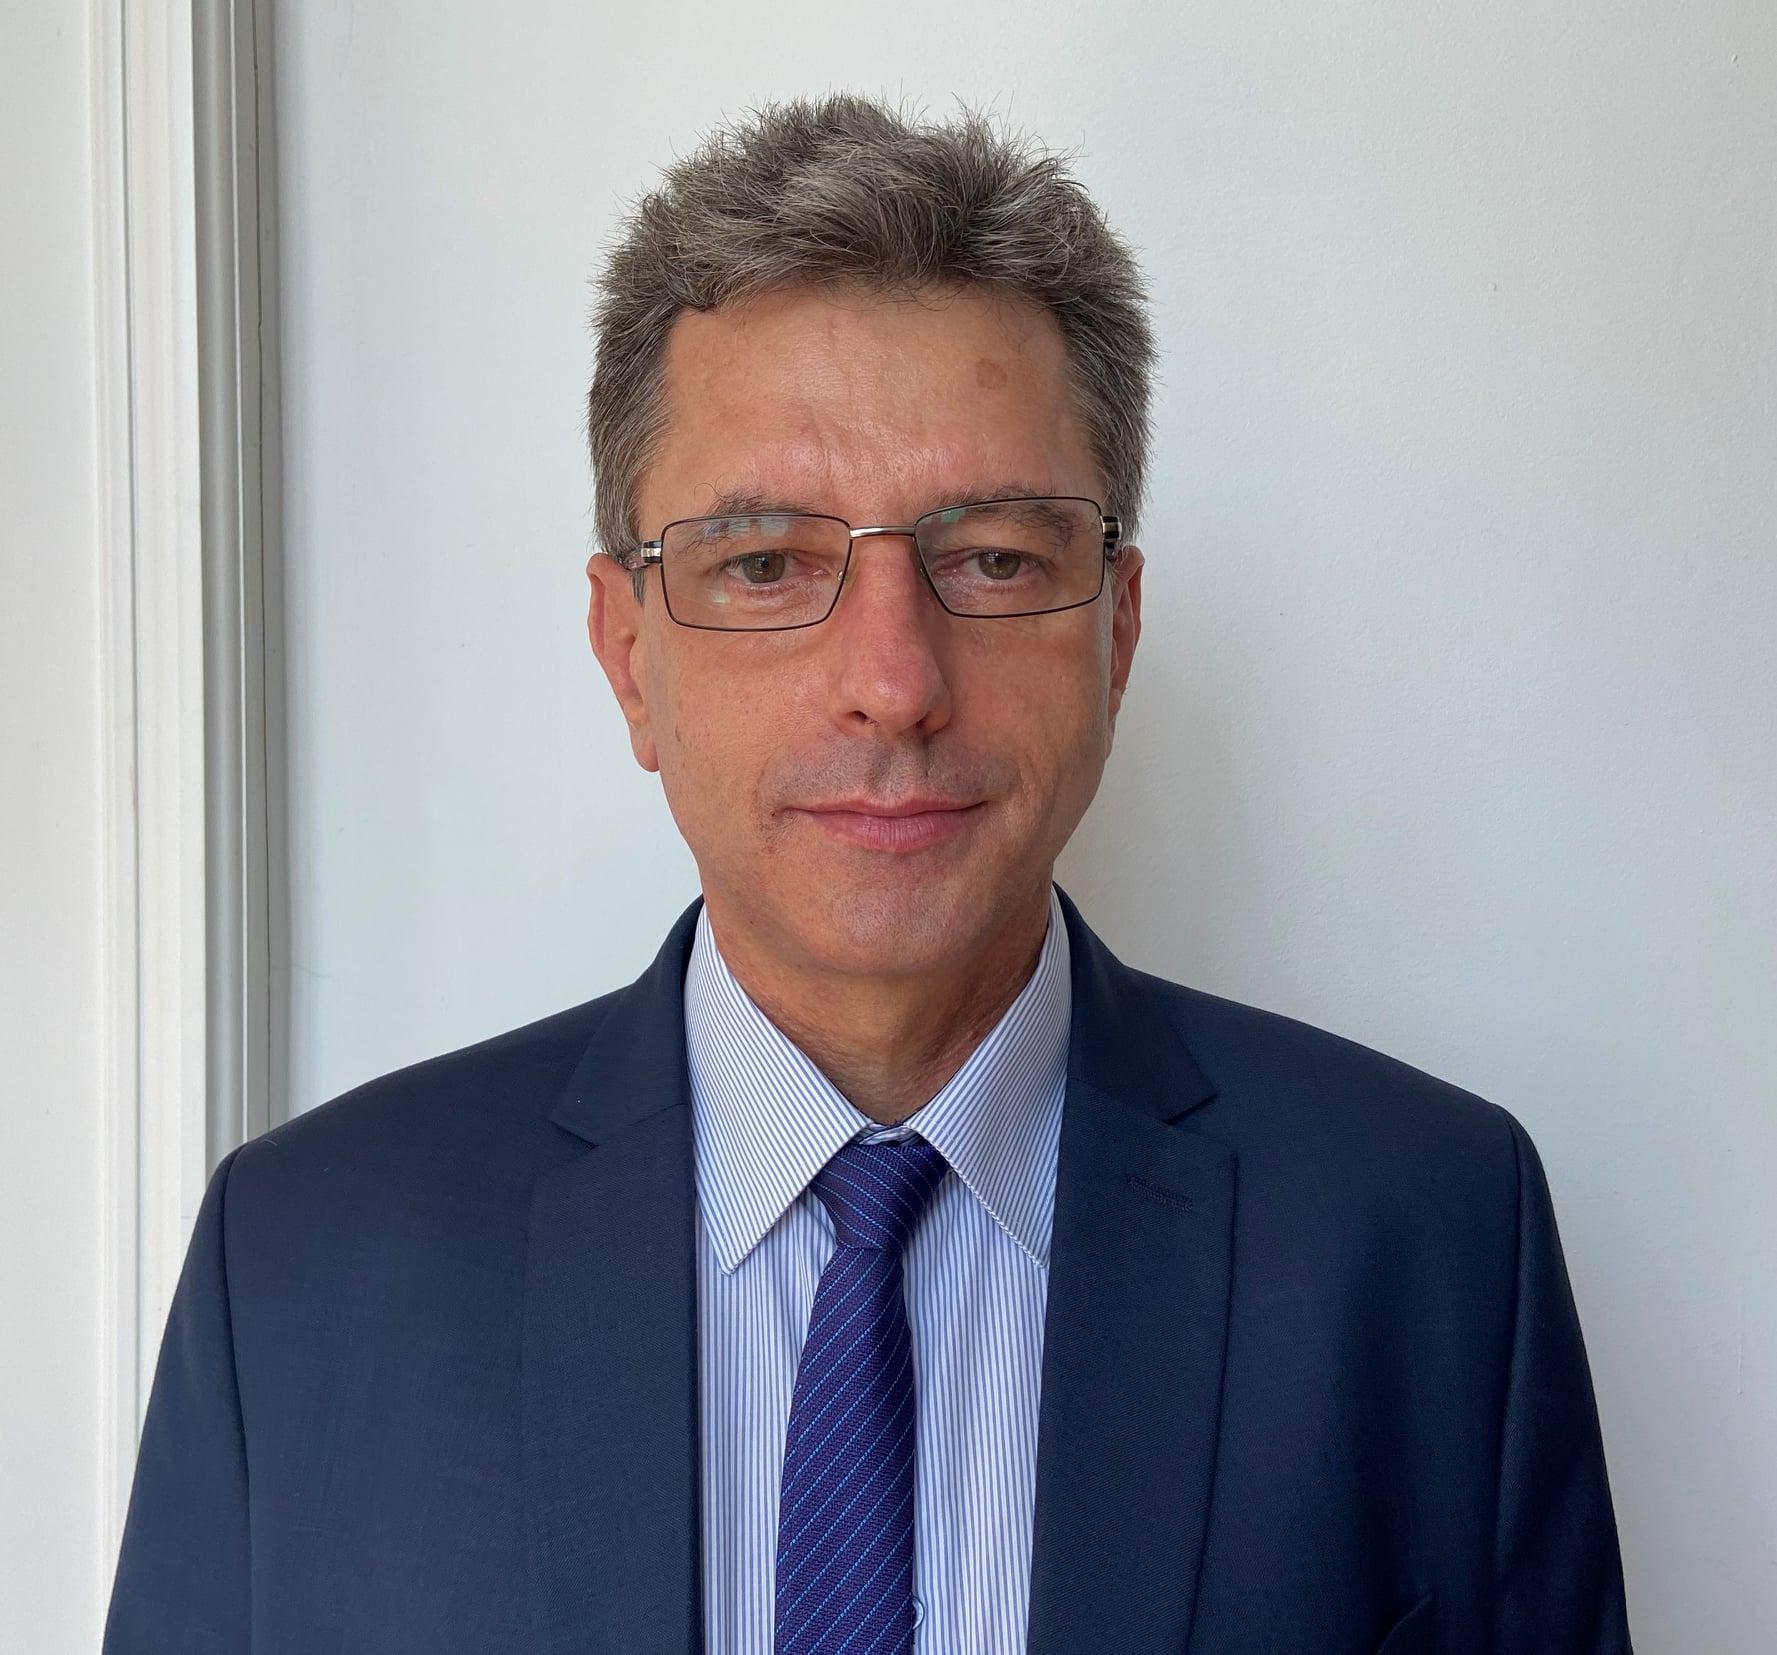 A fost numit secretarul general al Instituției Prefectului județul Hunedoara